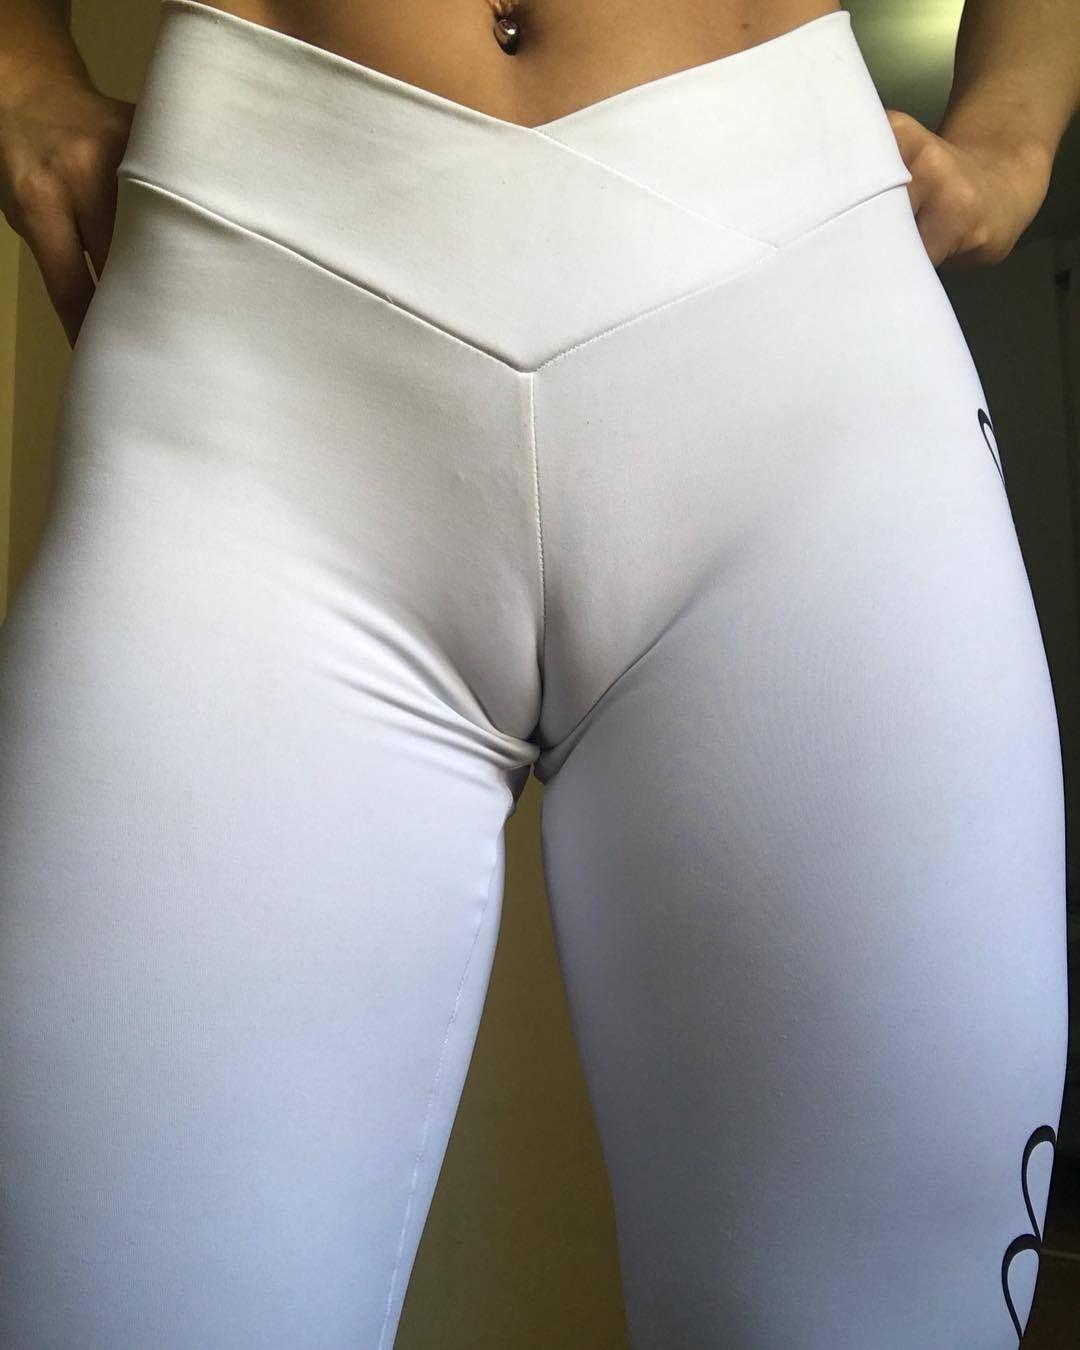 Эро видео половых губ — 1